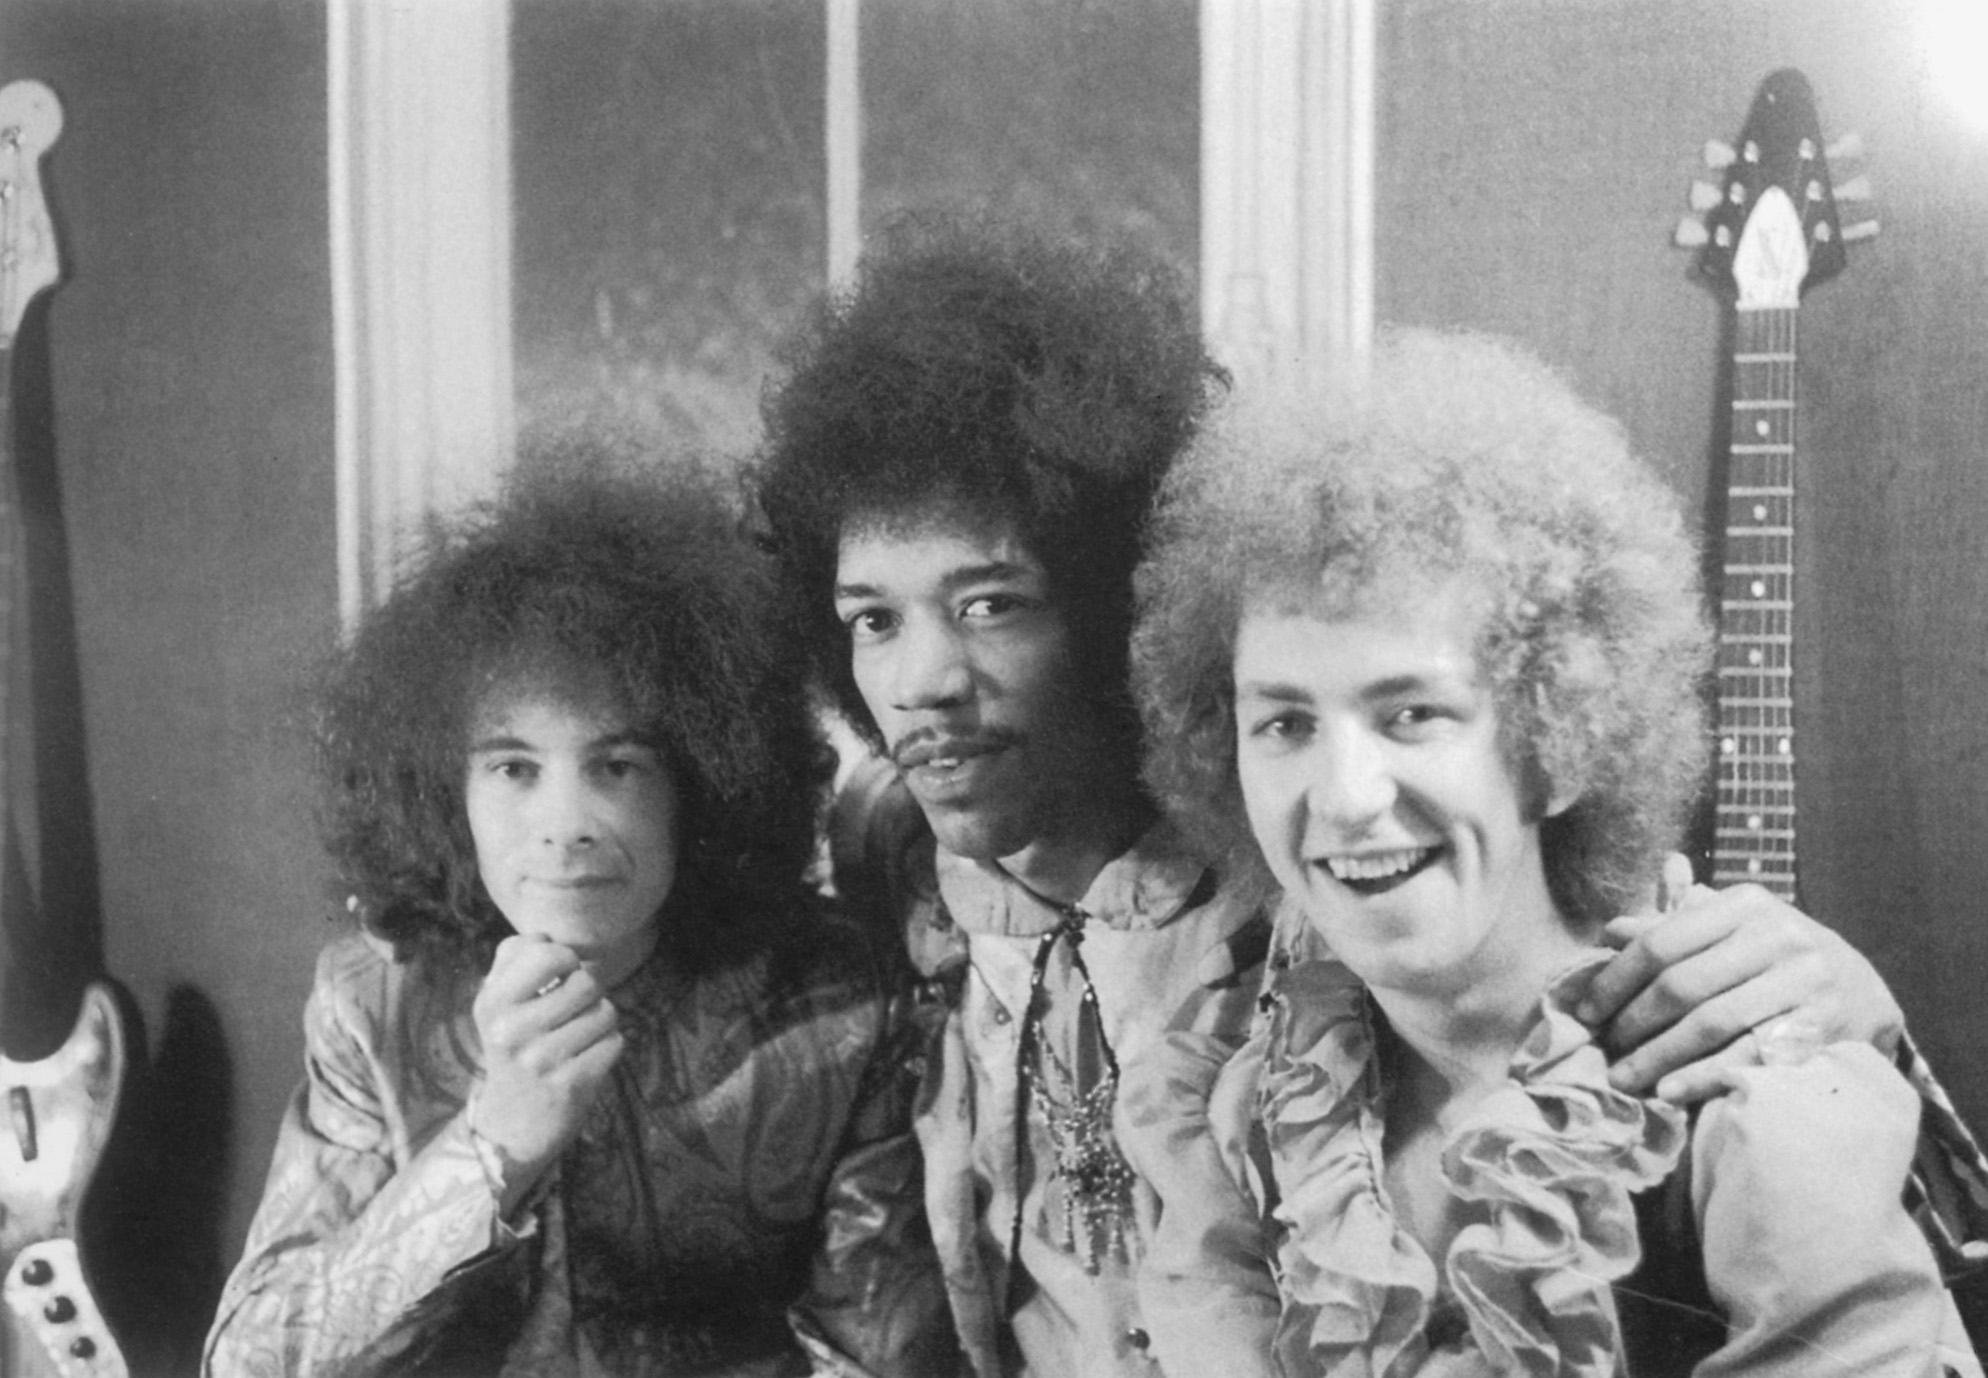 The Jimi Hendrix Experience, 1967. A la izquierda, Noel Redding (bajo). A la derecha, Mitch Mitchel (batería)